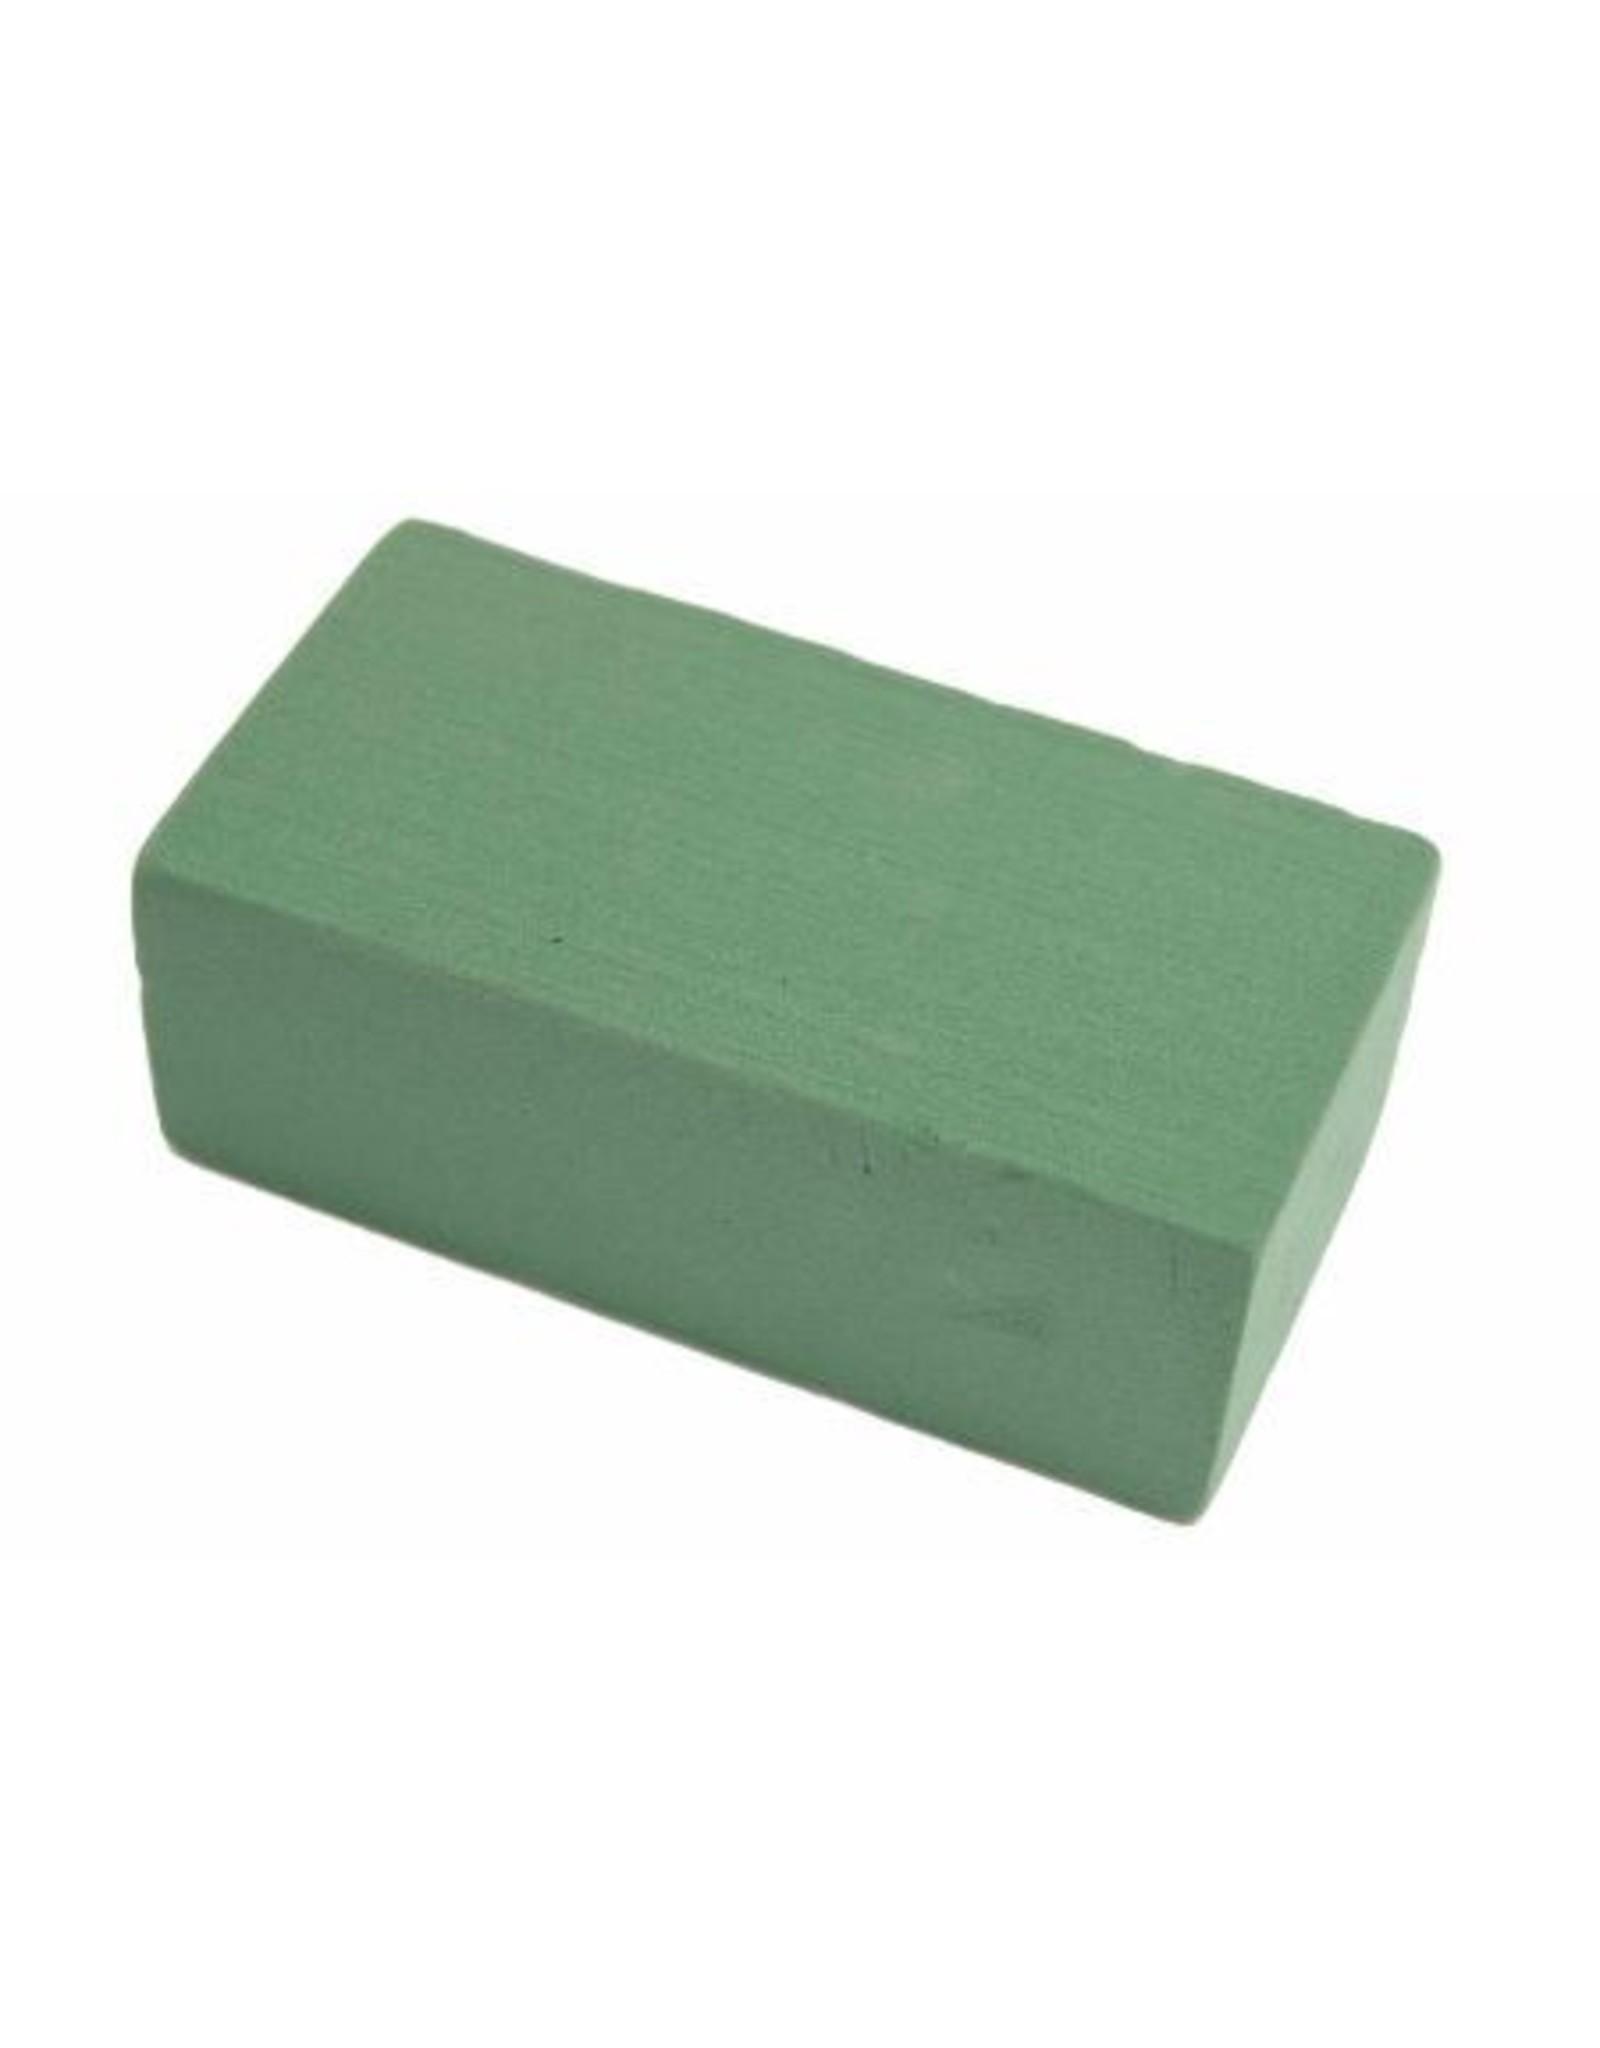 HD Basic Brick Foam Perfect ↑23.0 Ø11.0 ↑8.0 (x 20)